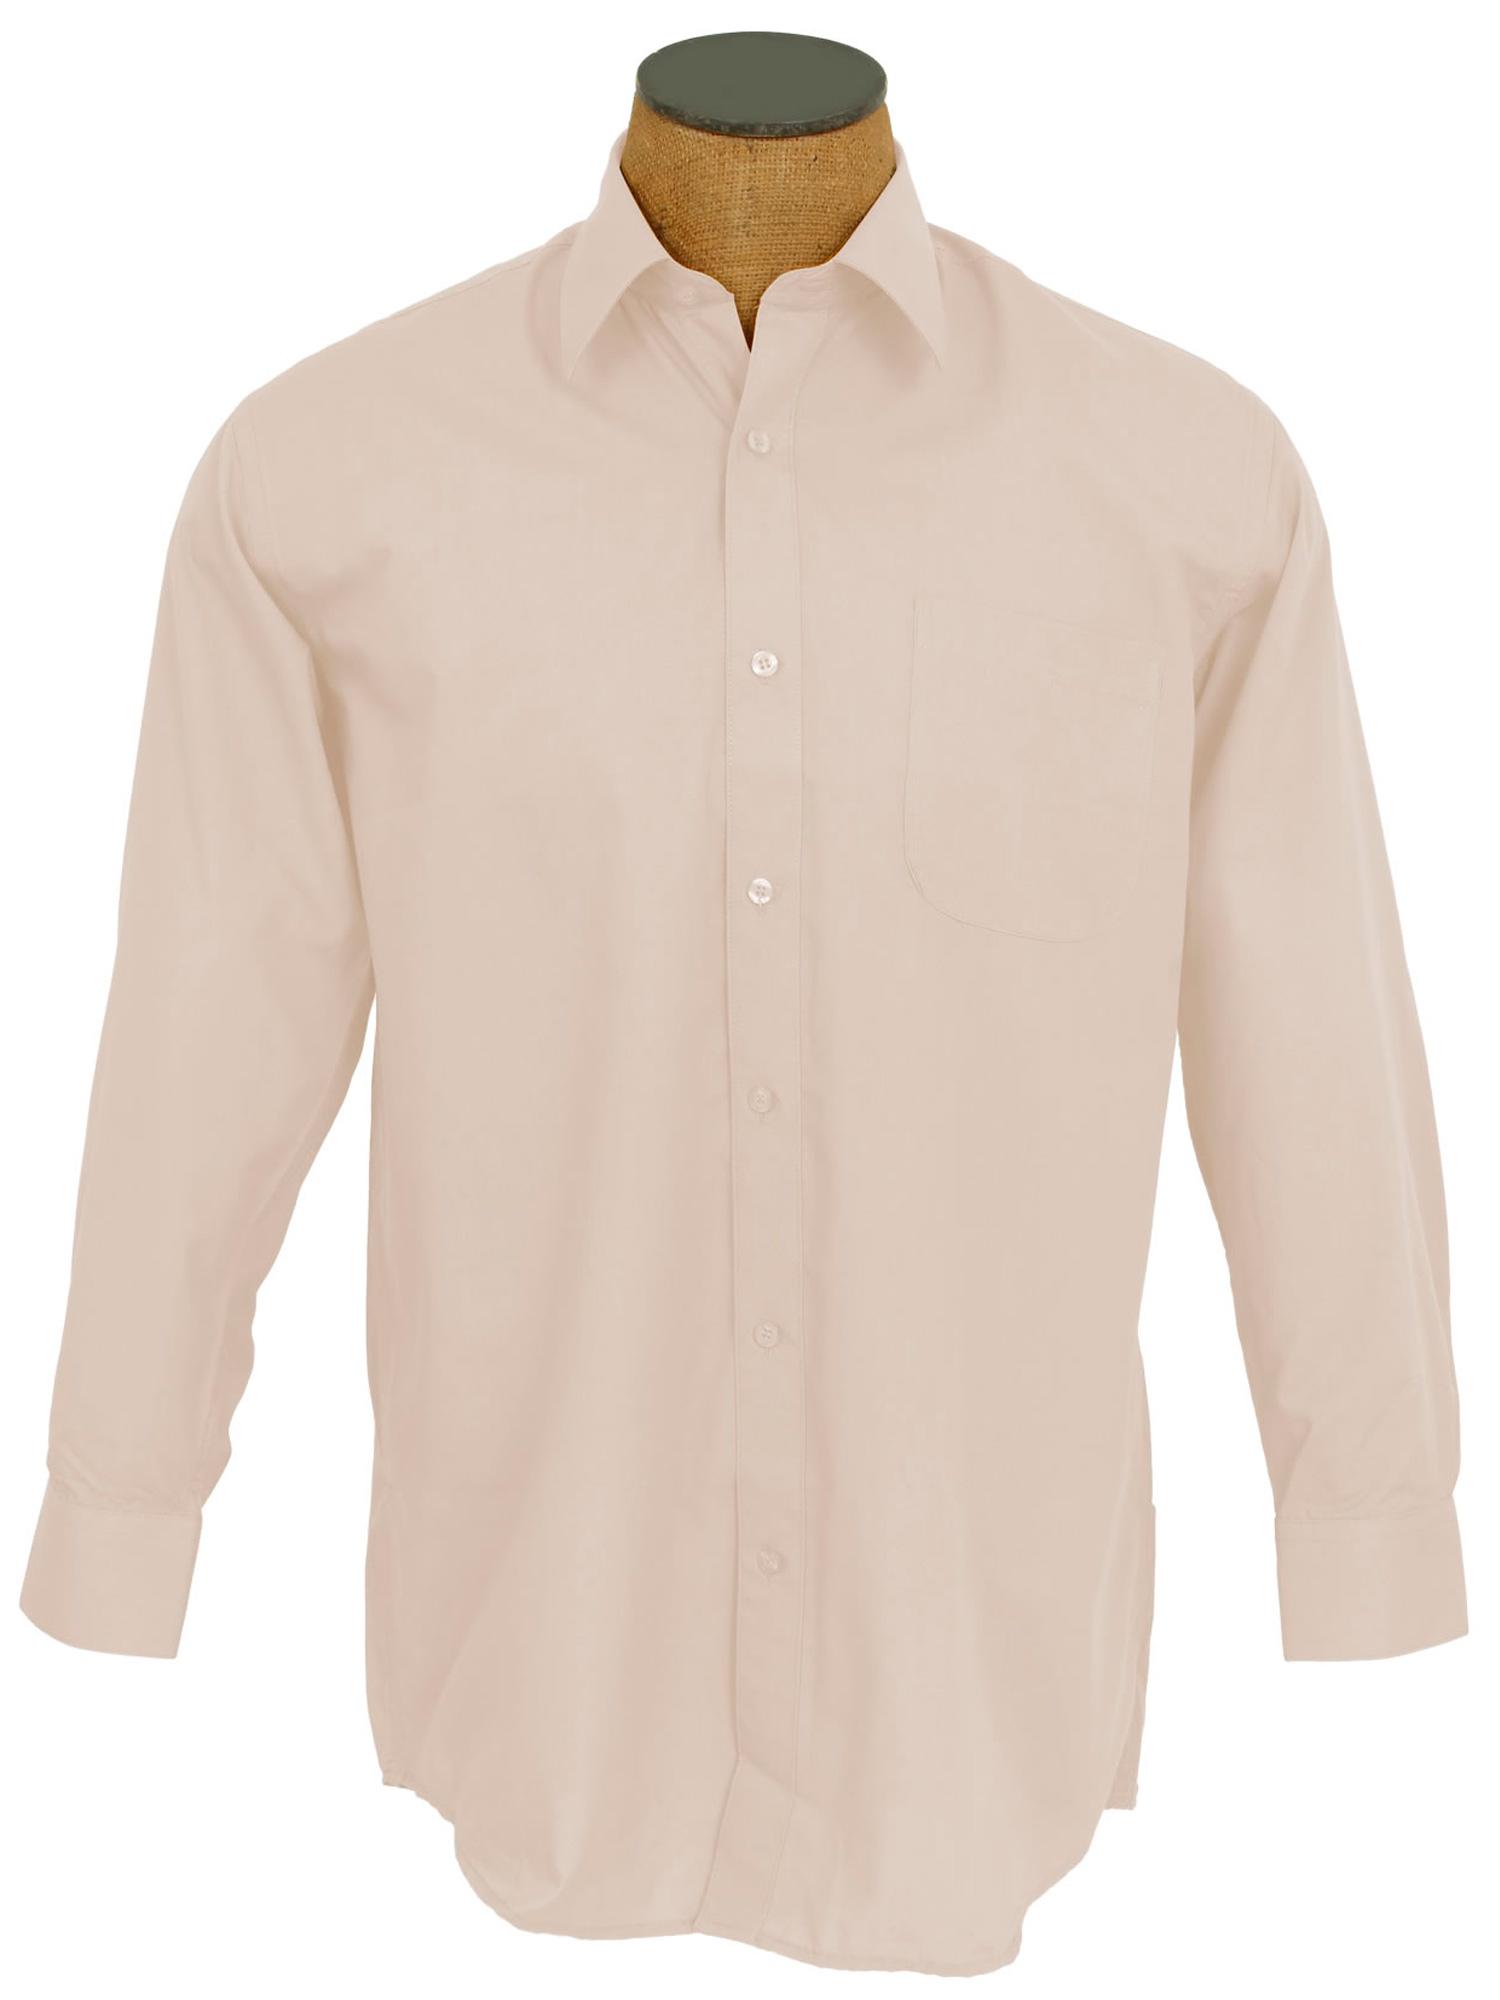 Men's Solid Color Cotton Blend Dress Shirt